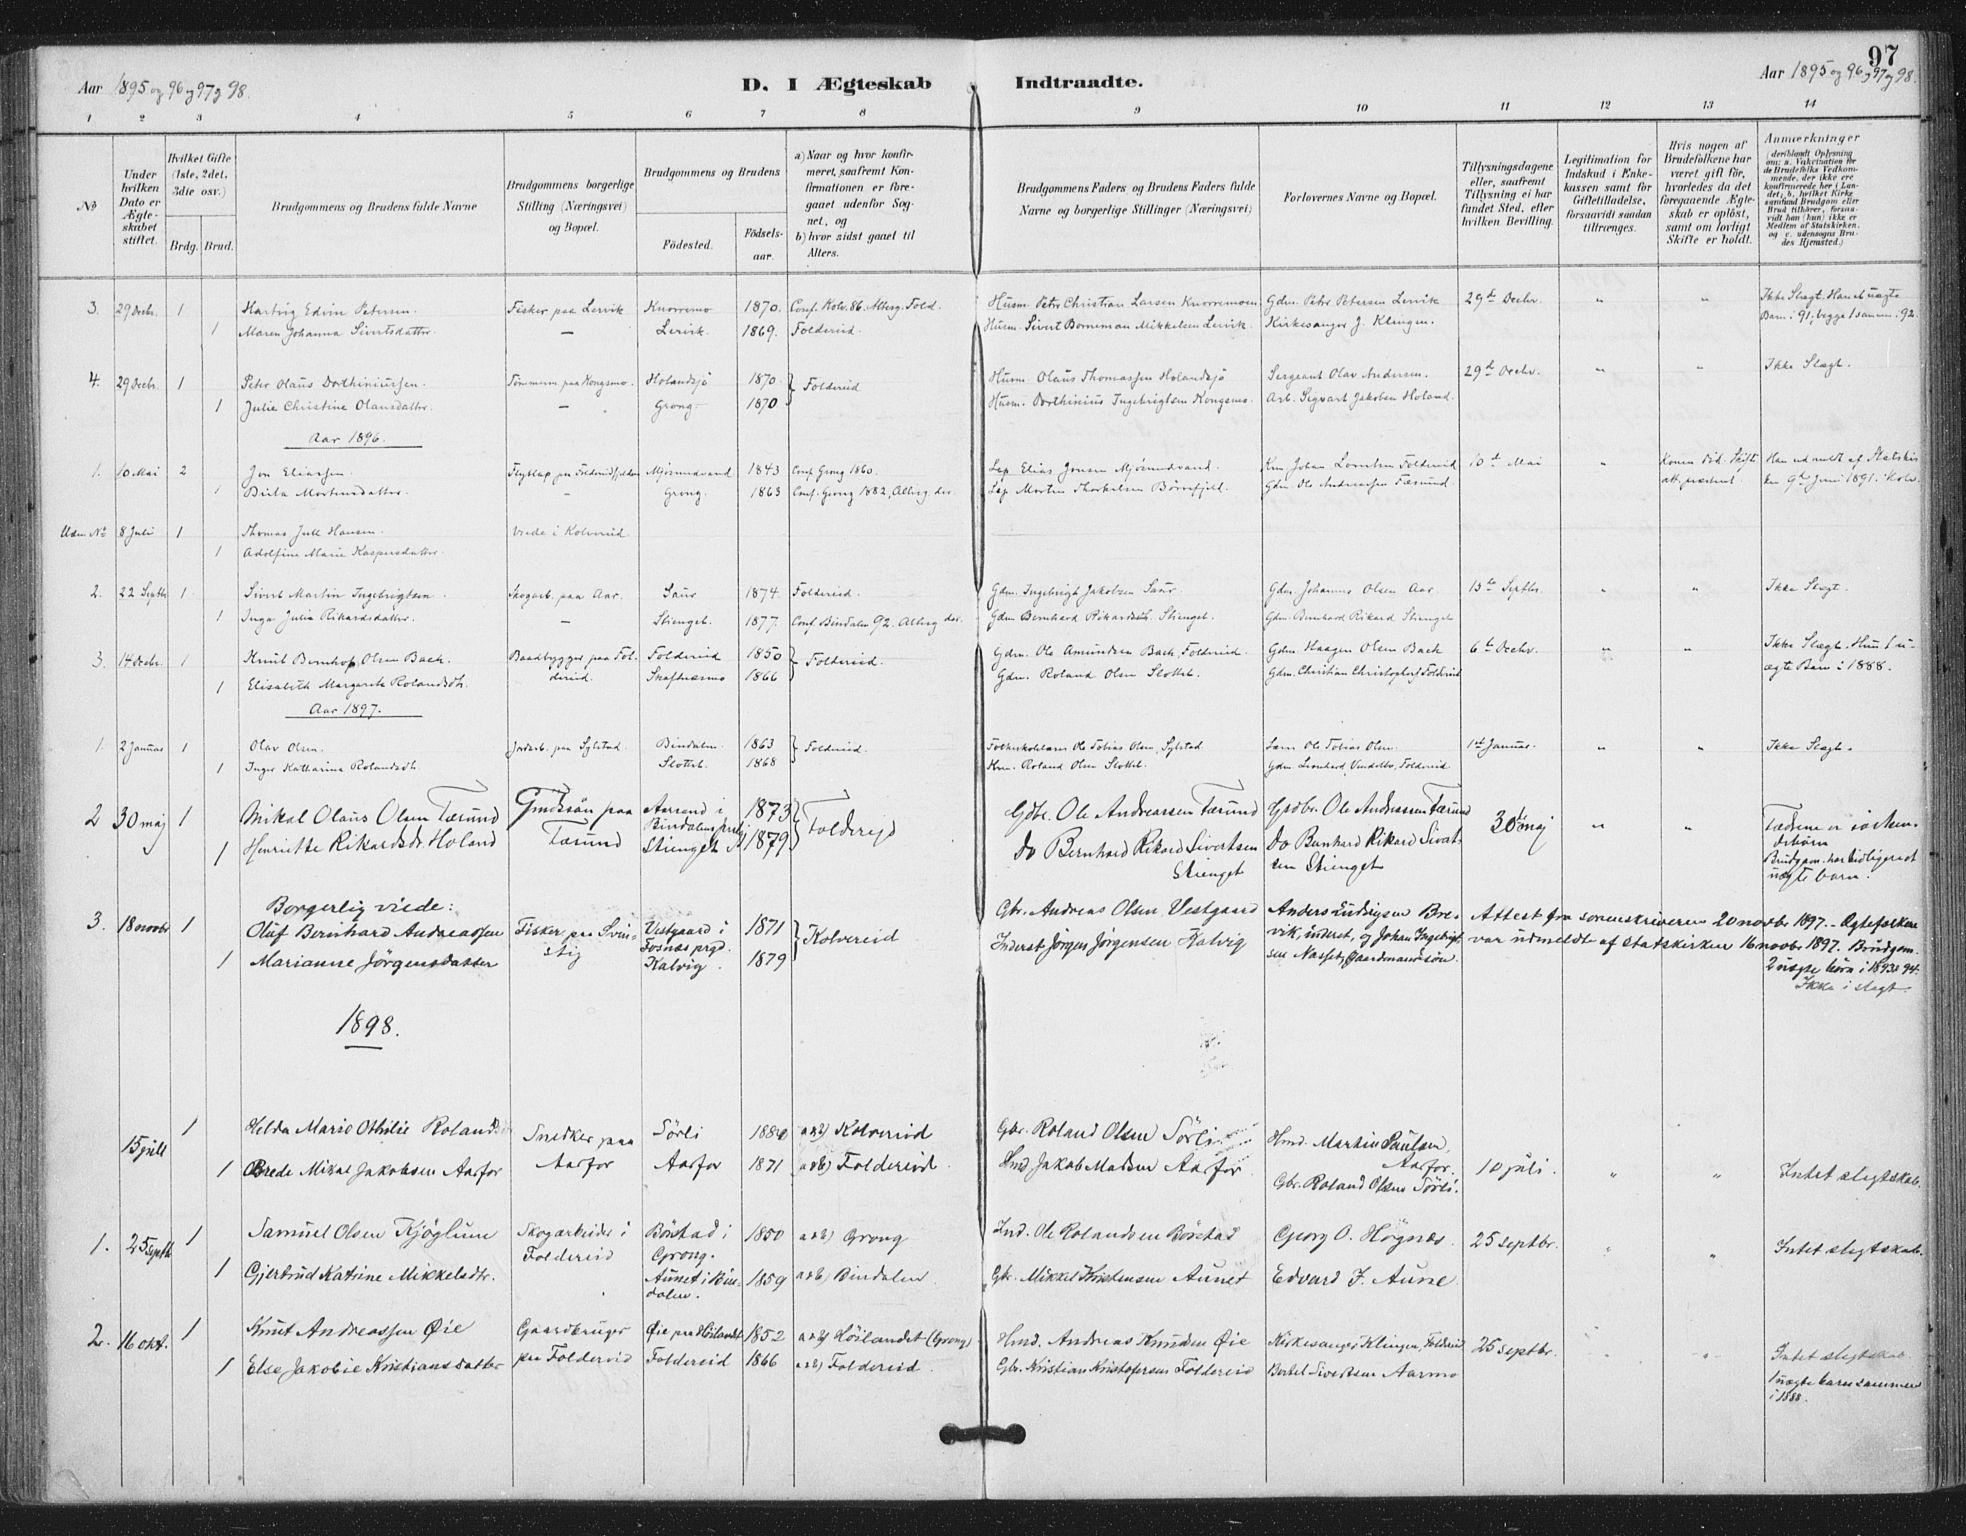 SAT, Ministerialprotokoller, klokkerbøker og fødselsregistre - Nord-Trøndelag, 783/L0660: Ministerialbok nr. 783A02, 1886-1918, s. 97